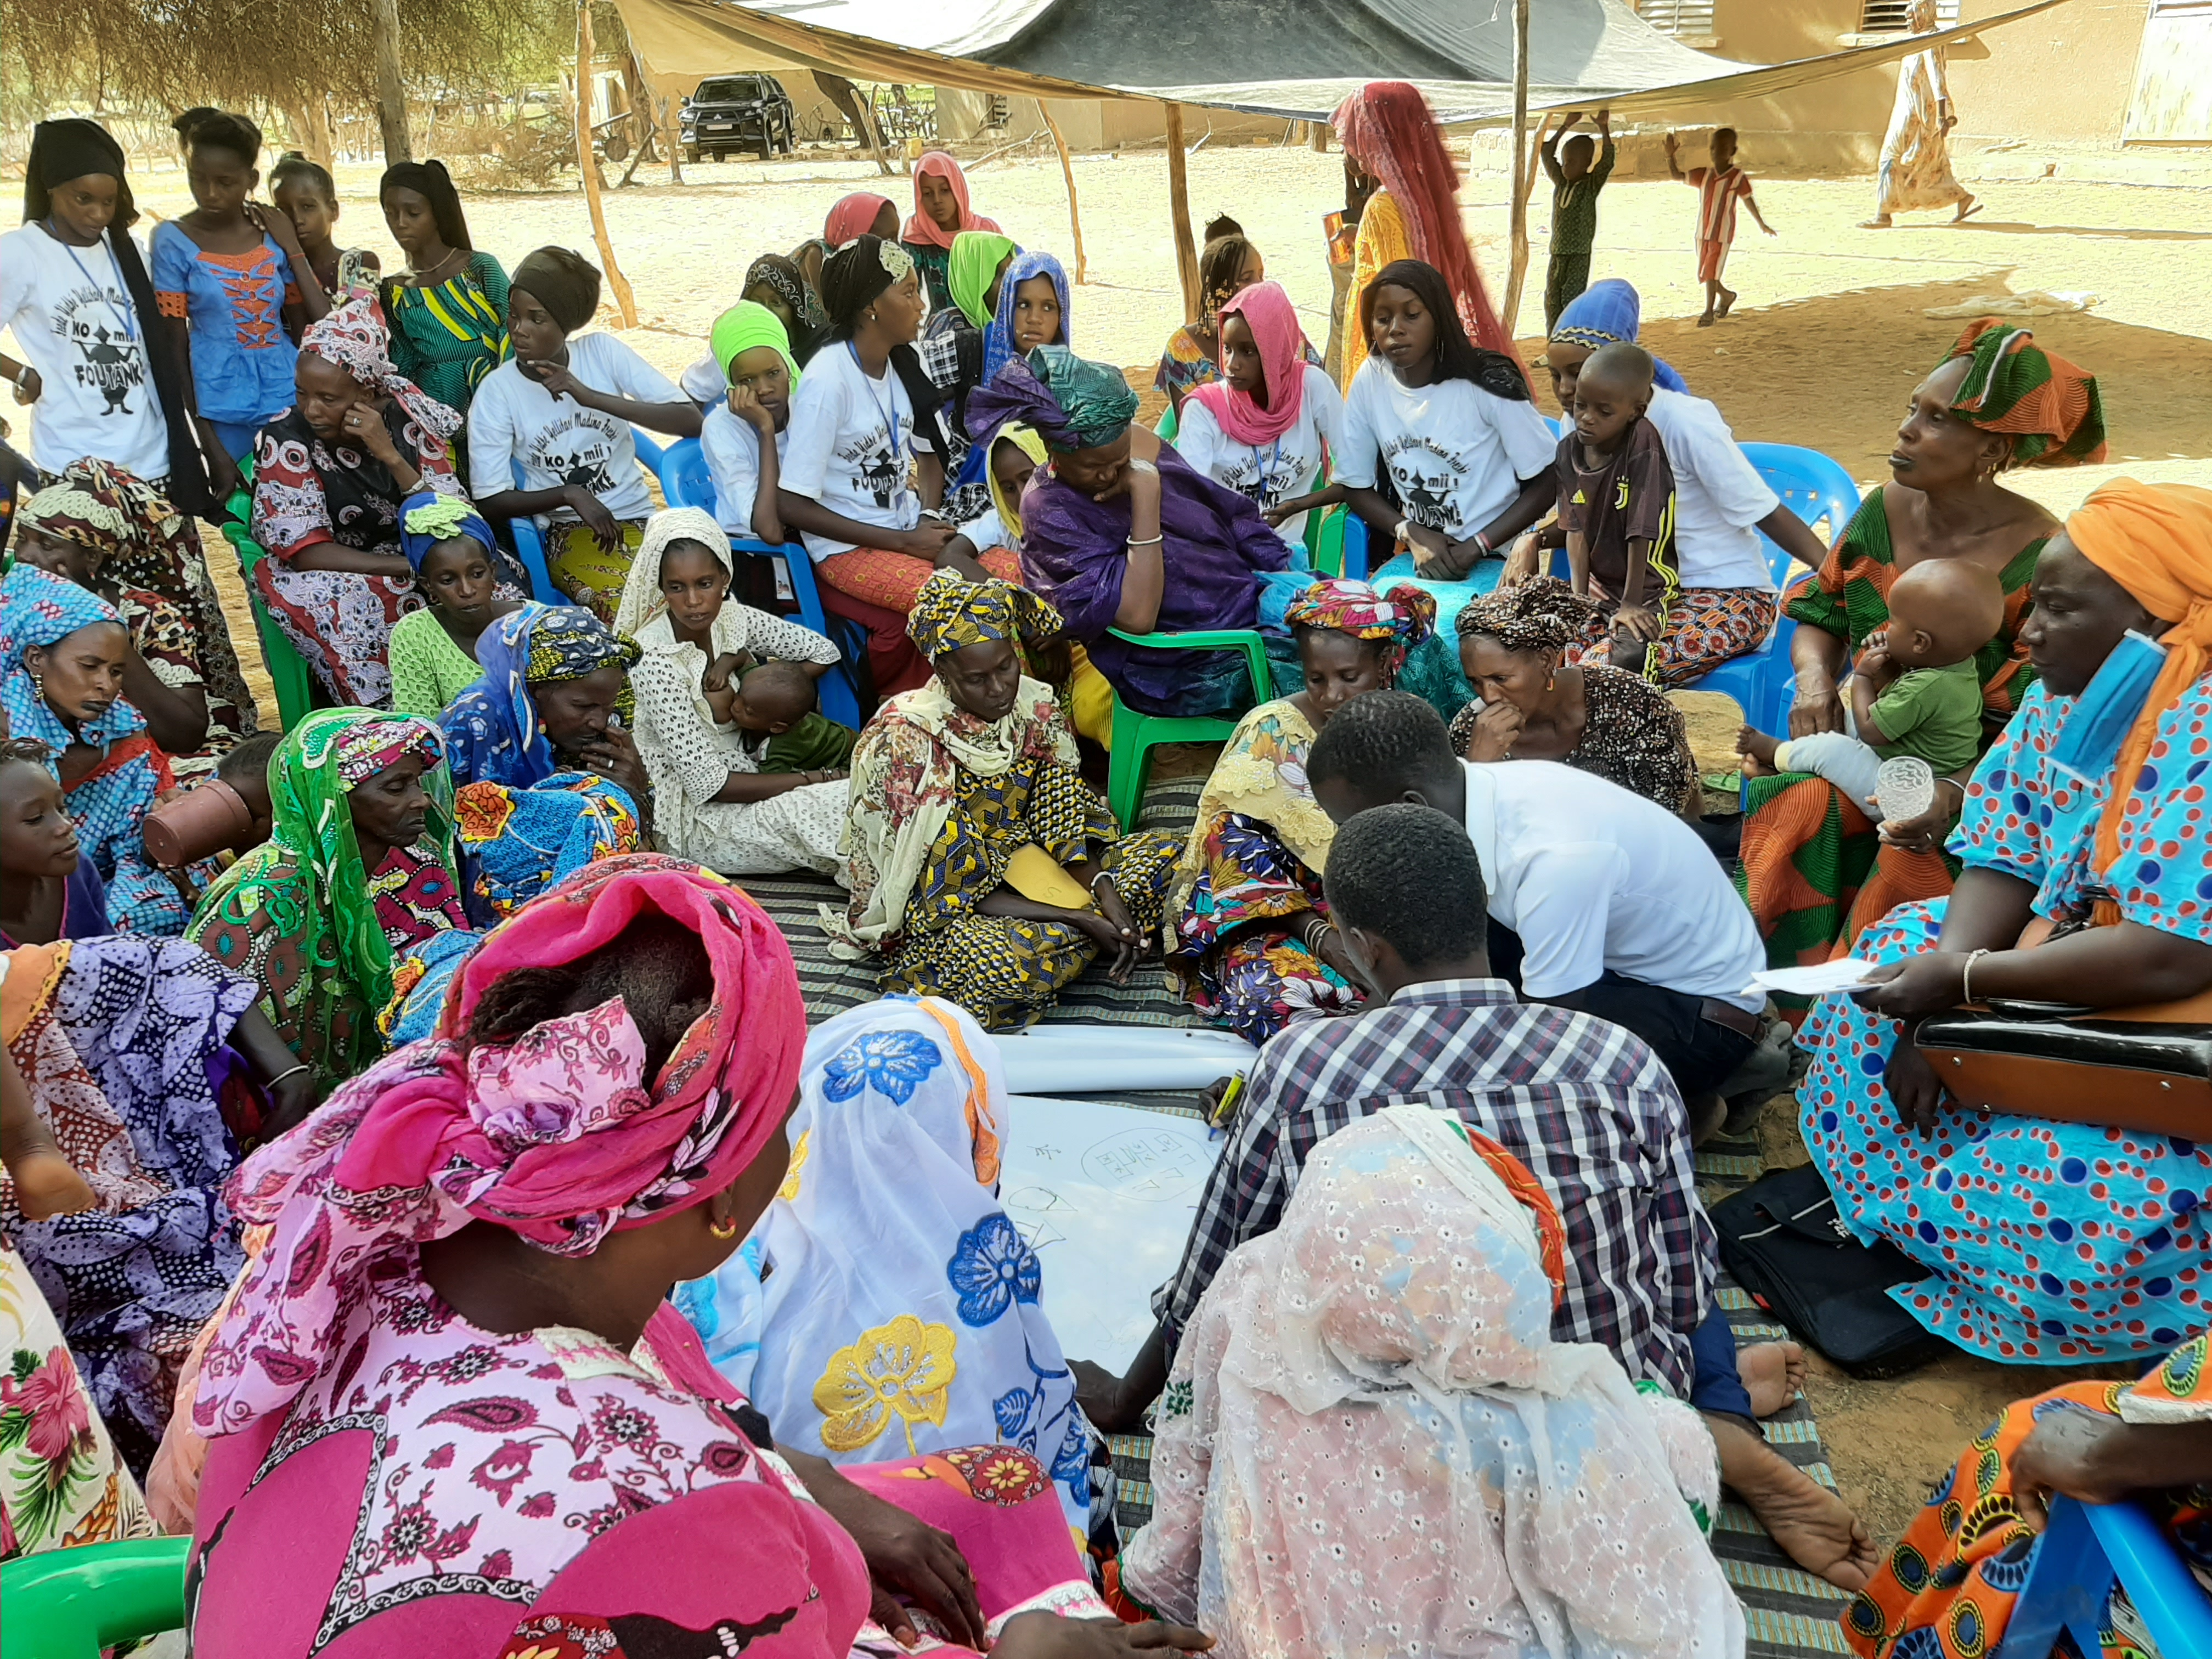 Apoyo a las familias productoras de medina fresbé, agnam tonguel y mboyo dieri para mejorar la seguridad alimentaria a través de un sistema de producción agroecológica